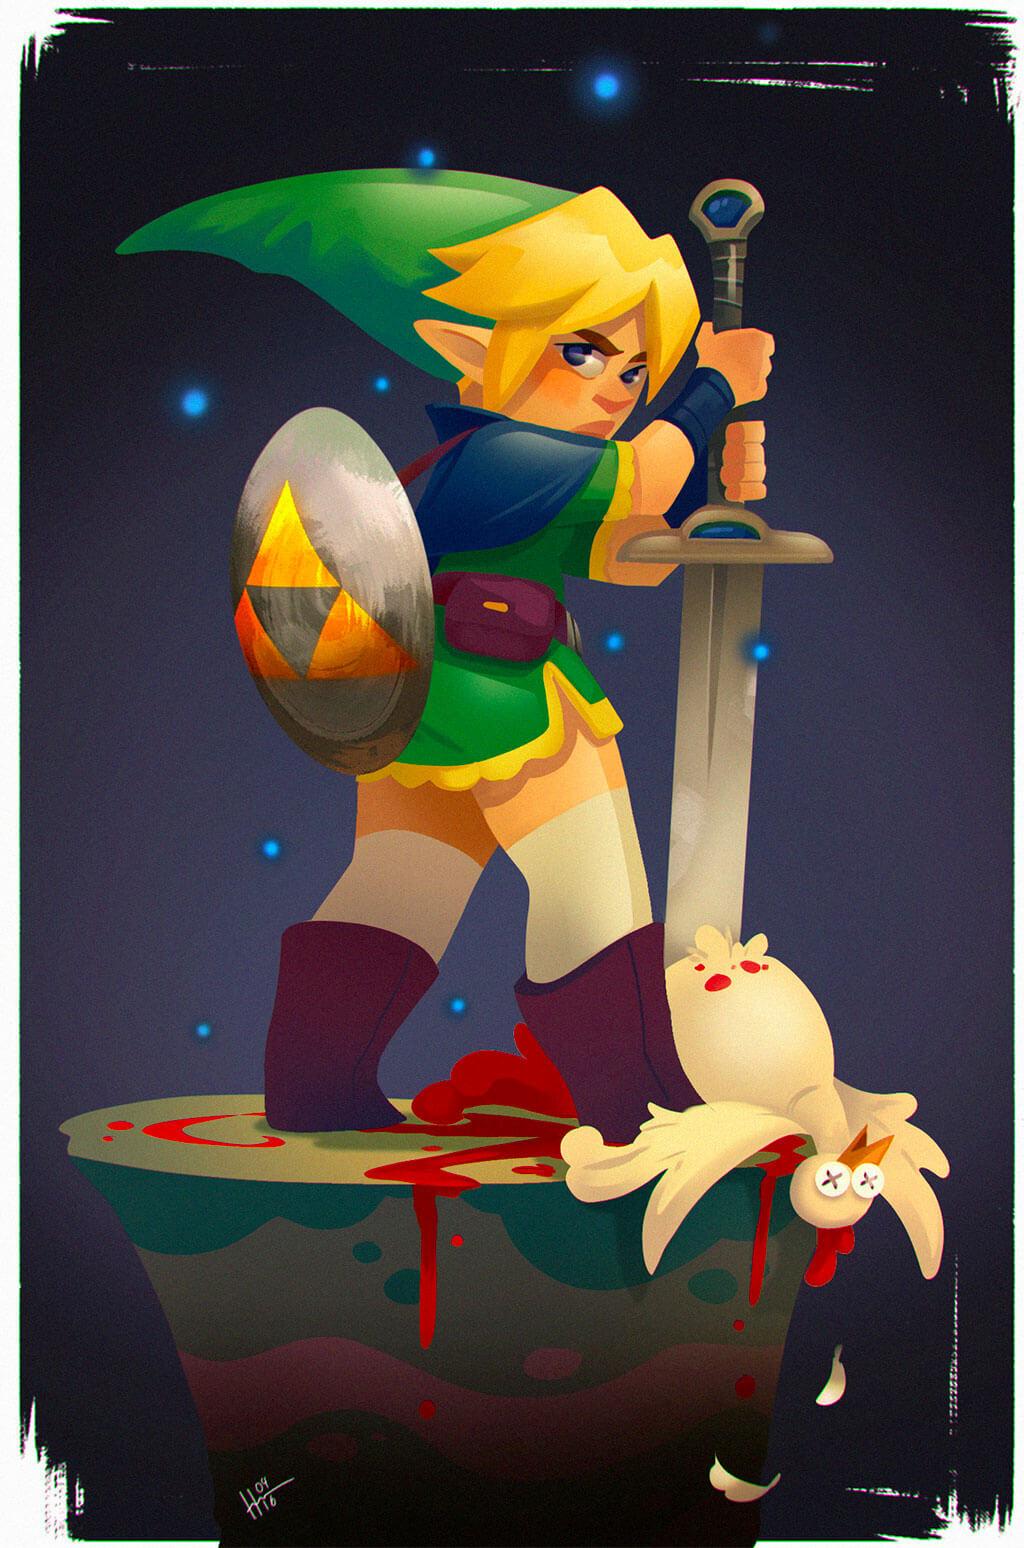 Zelda Fan Art by Jenny Harder